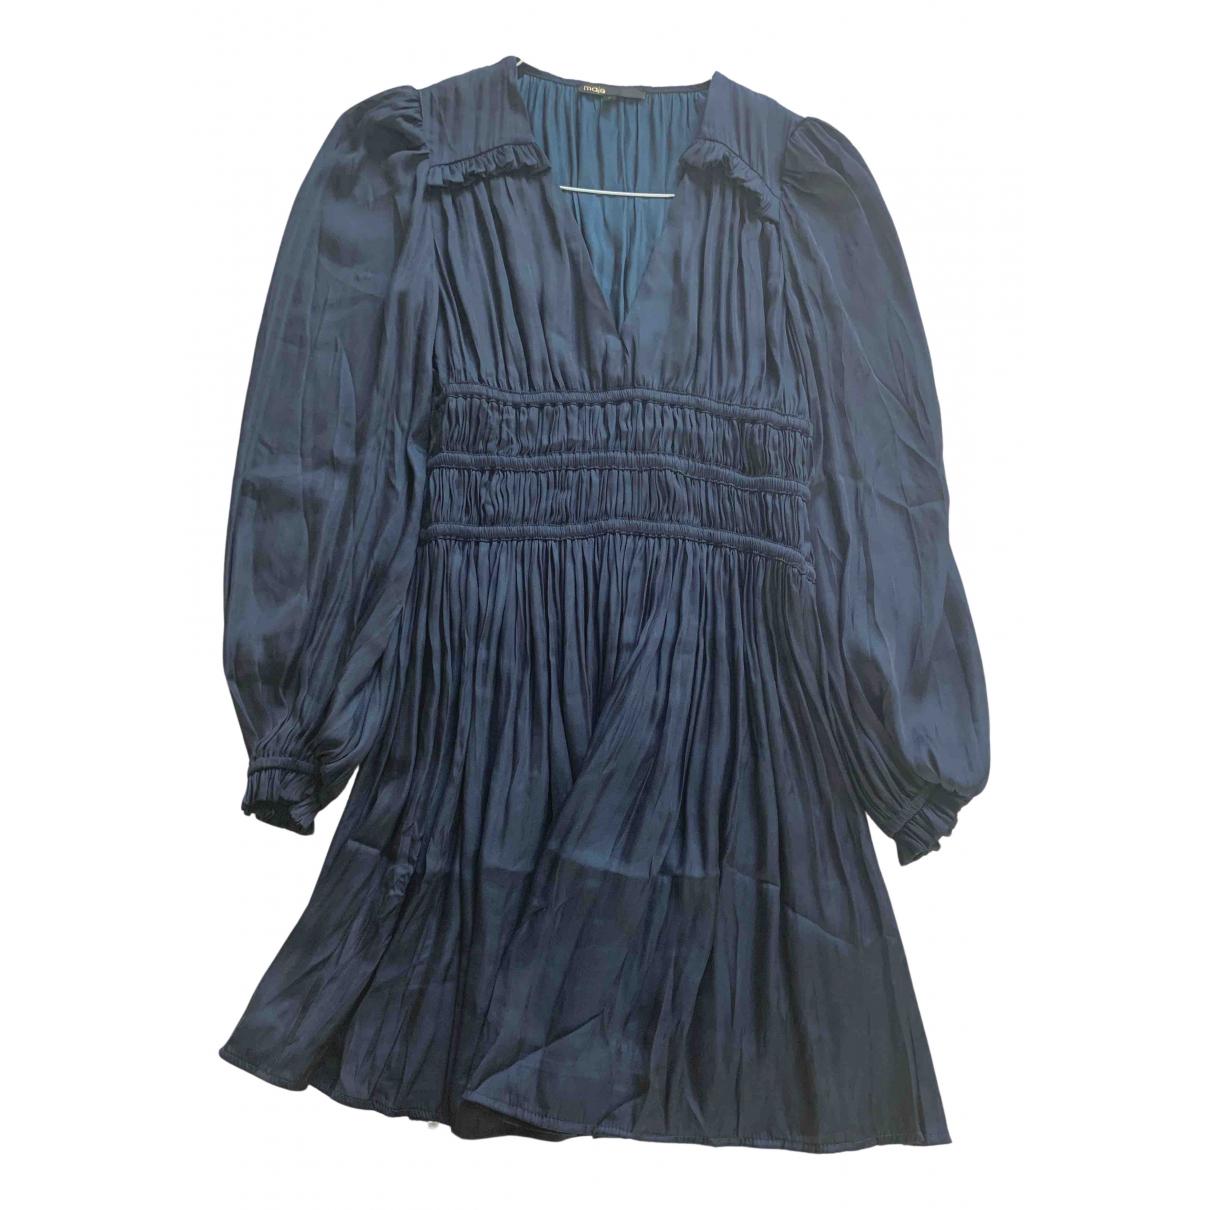 Maje Fall Winter 2019 Kleid in  Blau Viskose